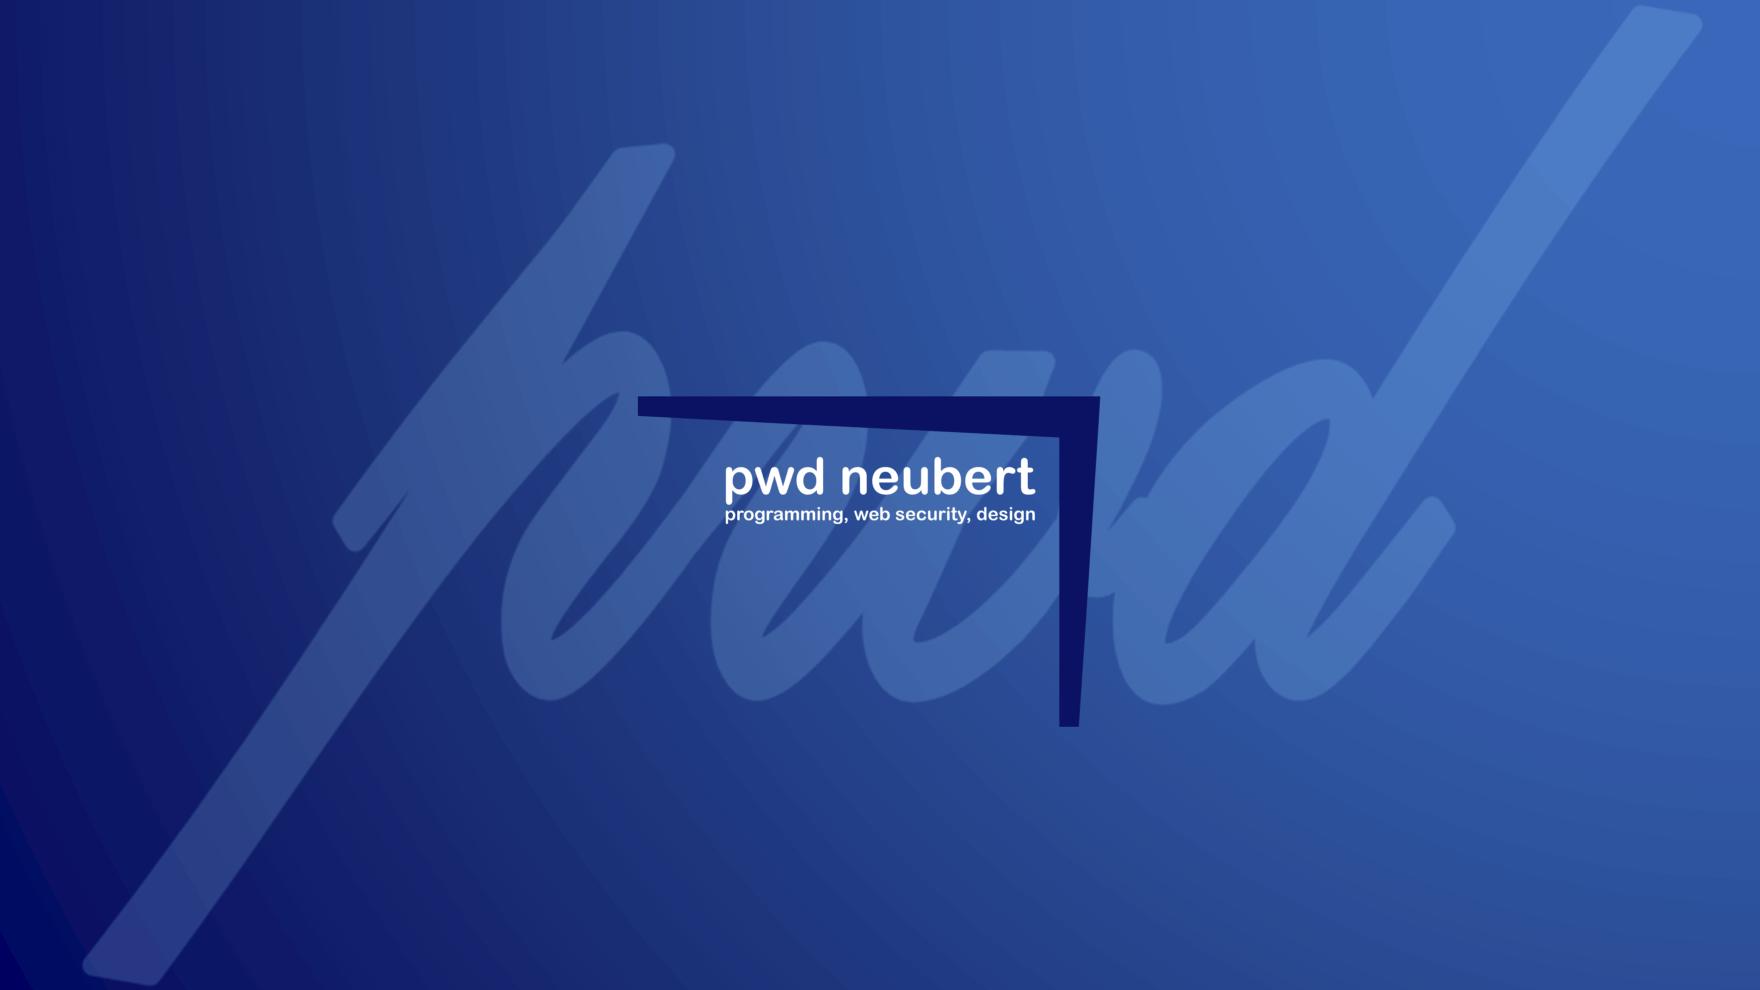 (c) Pwd-neubert.de